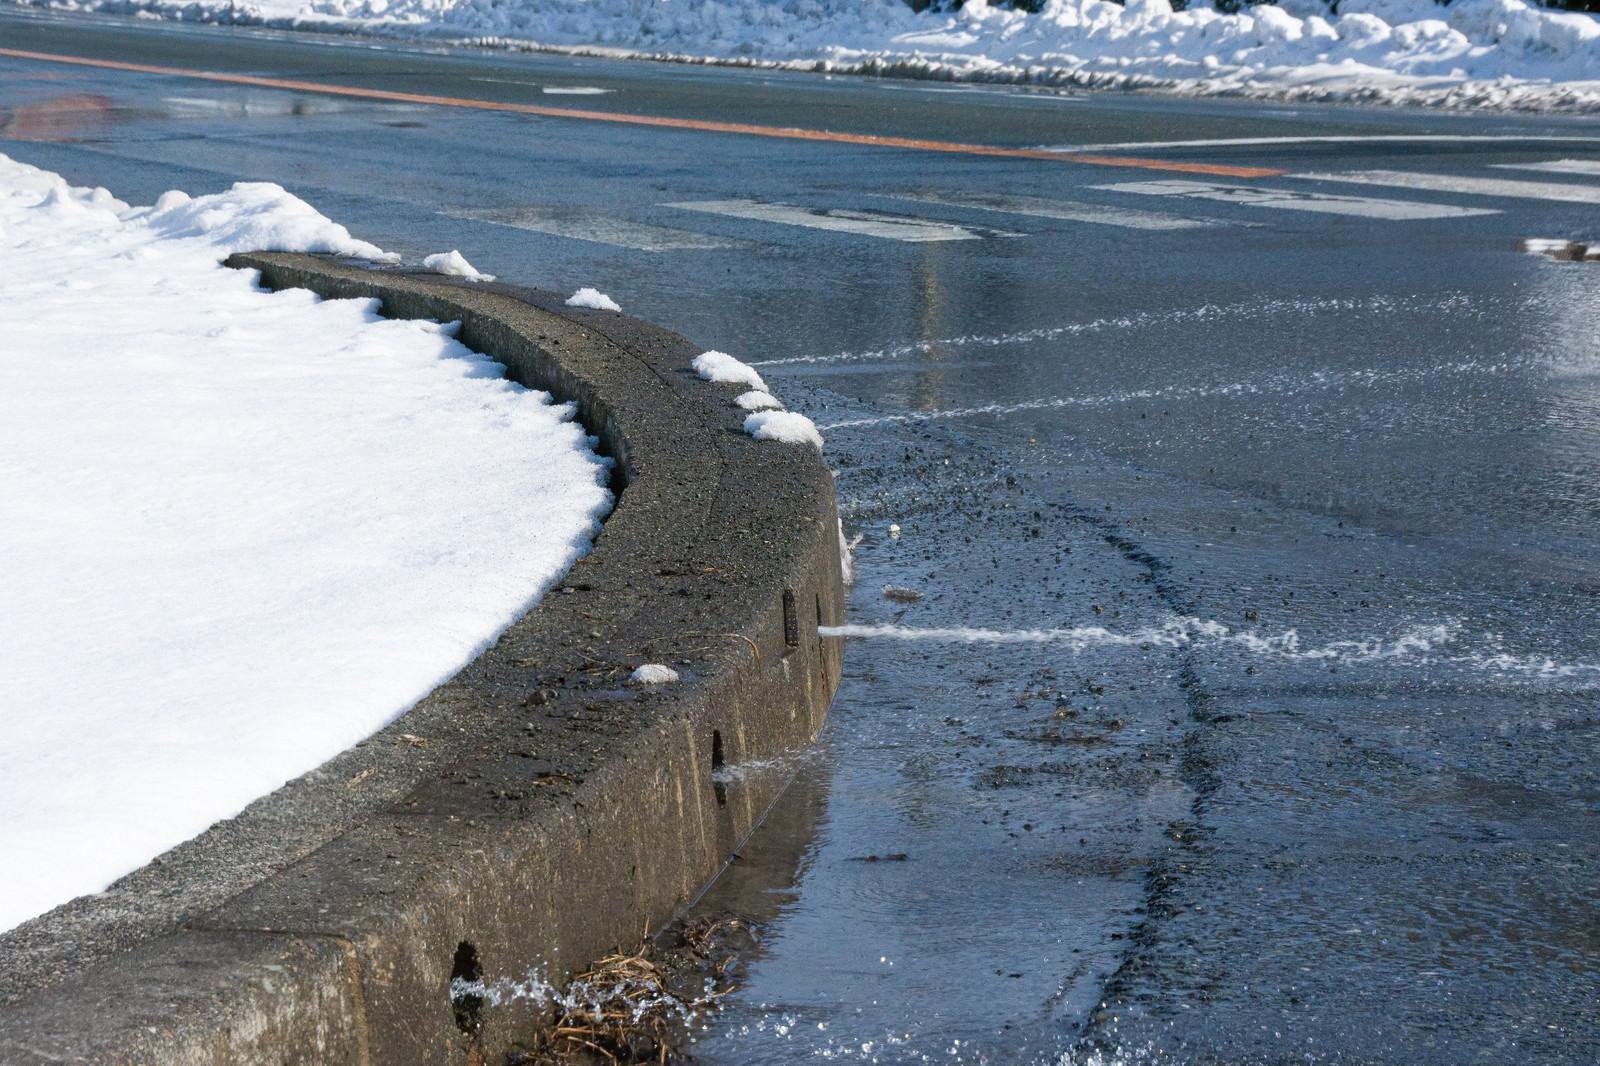 「雪を溶かすために放出される水」の写真